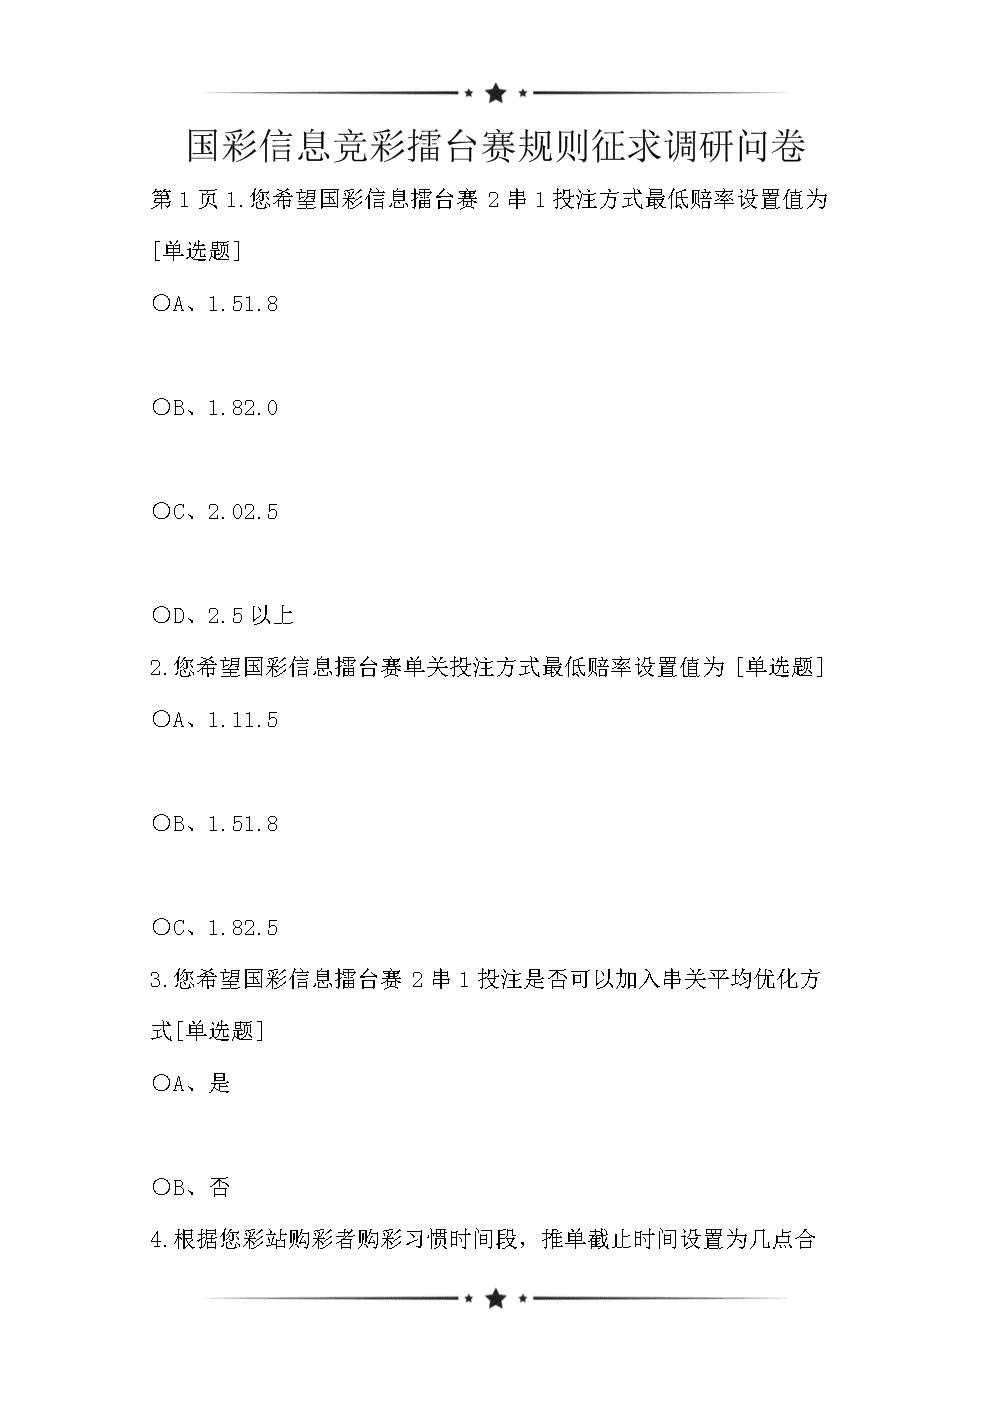 国彩信息竞彩擂台赛规则征求调研问卷(可编辑).doc